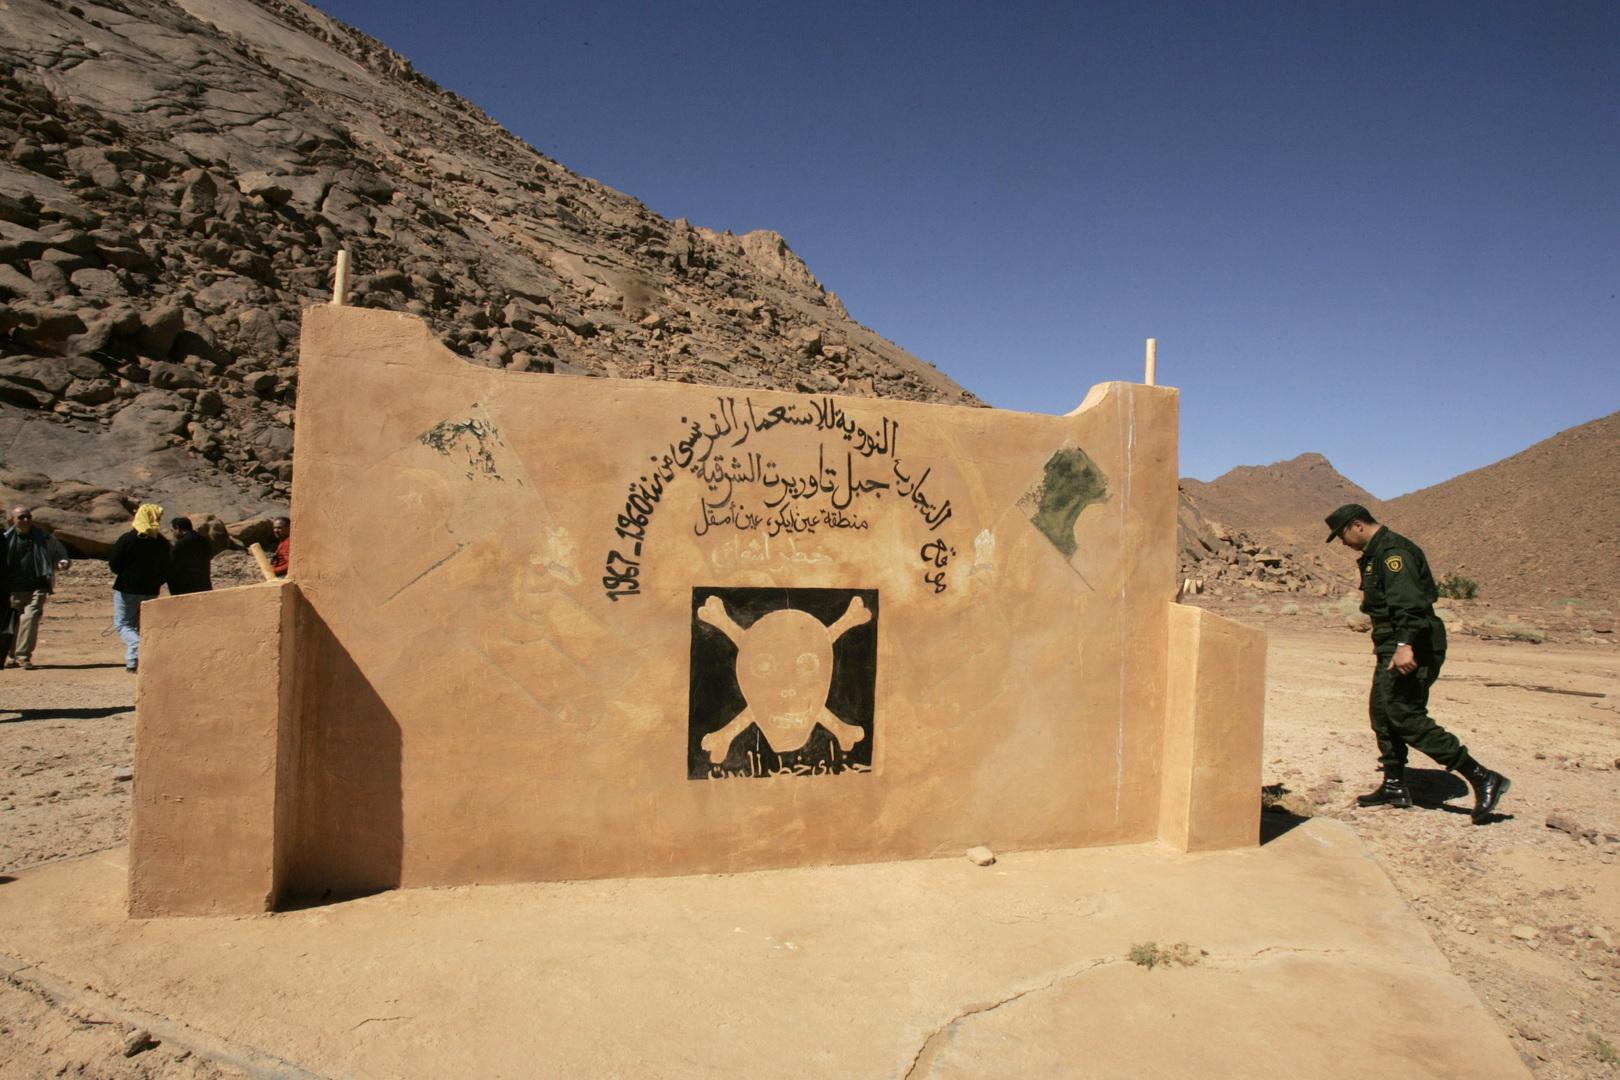 منطقة مشعة نوويا بسبب التجارب الفرنسية في عين أمقل بولاية تمنراست بأقصى جنوب الجزائر.